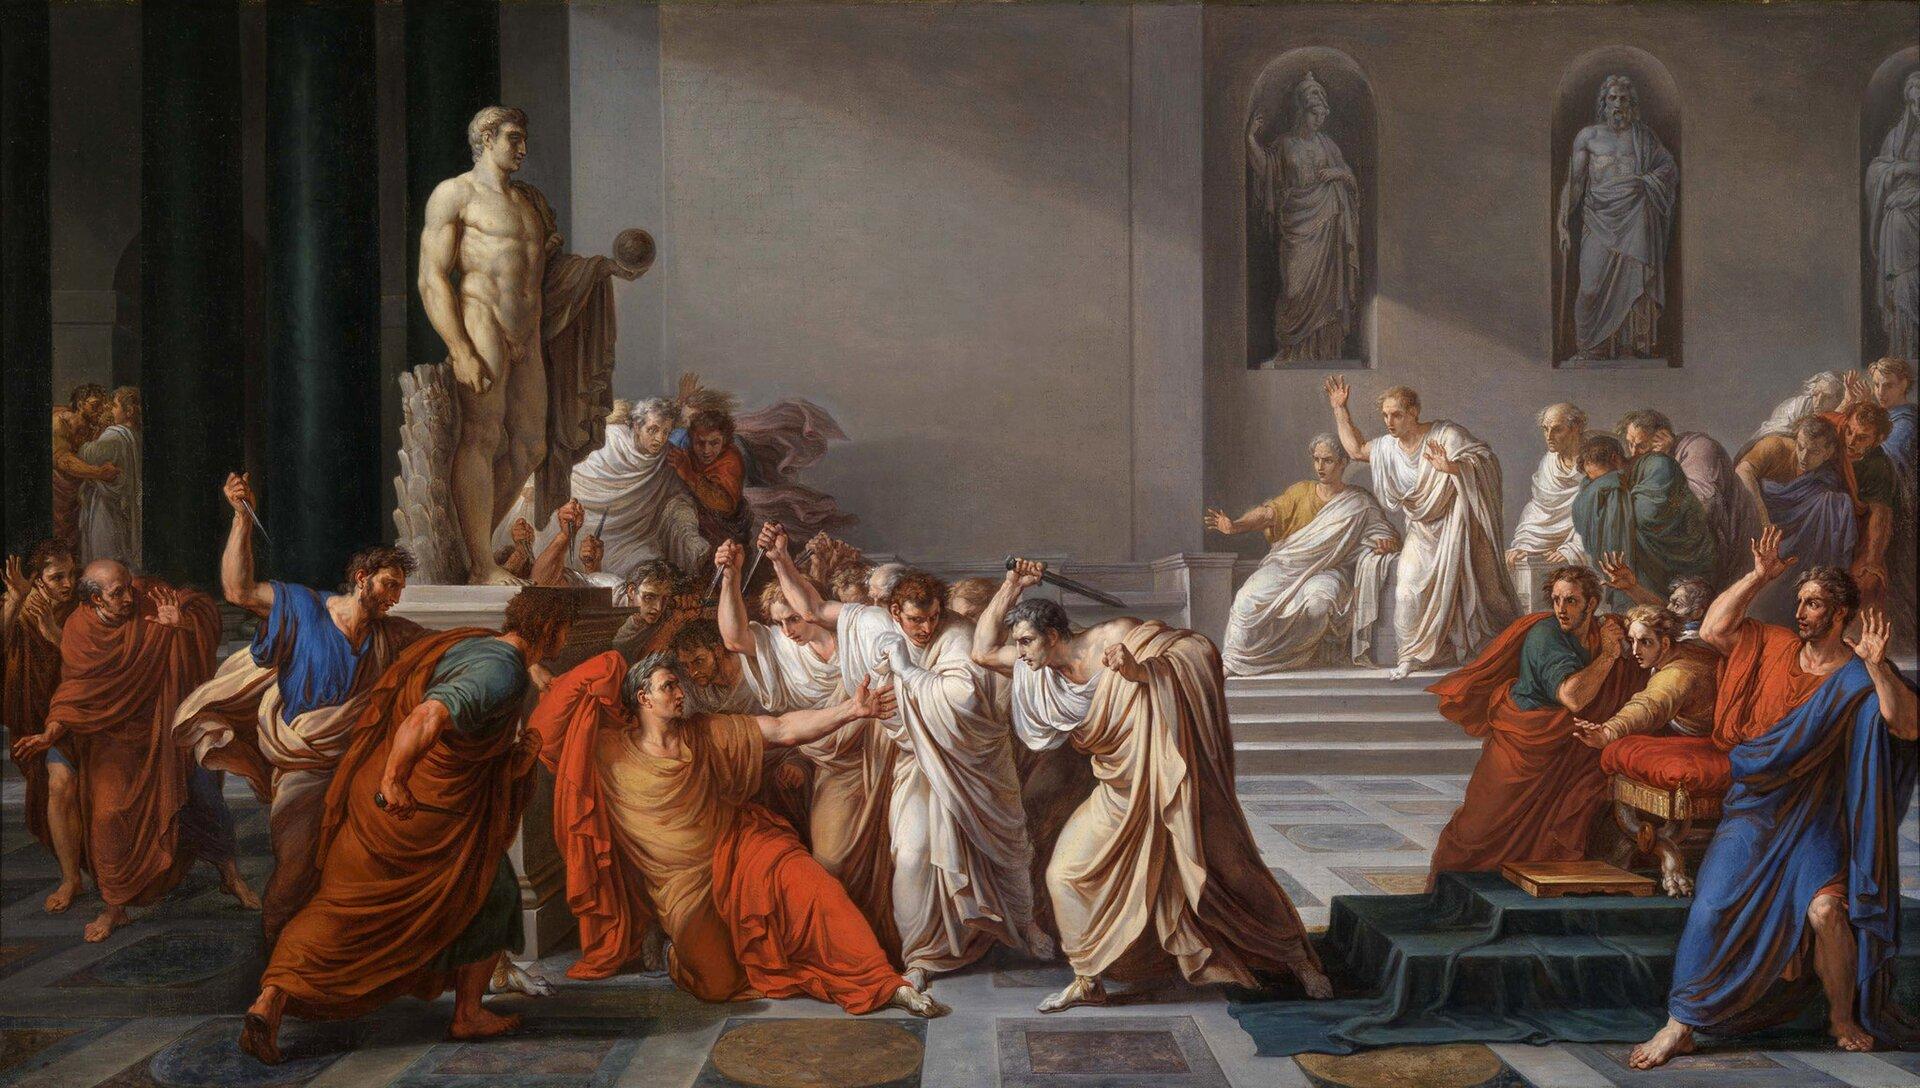 """Na ilustracji przedstawione jest dzieło Vincenzo Camuccini' ego pt. """"Zabójstwo Juliusza Cezara"""". Na pierwszym planie ukazana jest postać Cezara wotoczeniu spiskowców. Cesarz ubrany jest wbrązowe szaty. Upada pod ciosami zabójców, którzy otaczają go ze wszystkich stron. Tło obrazu stanowi wnętrze senatu: marmurowe schody iposągi."""